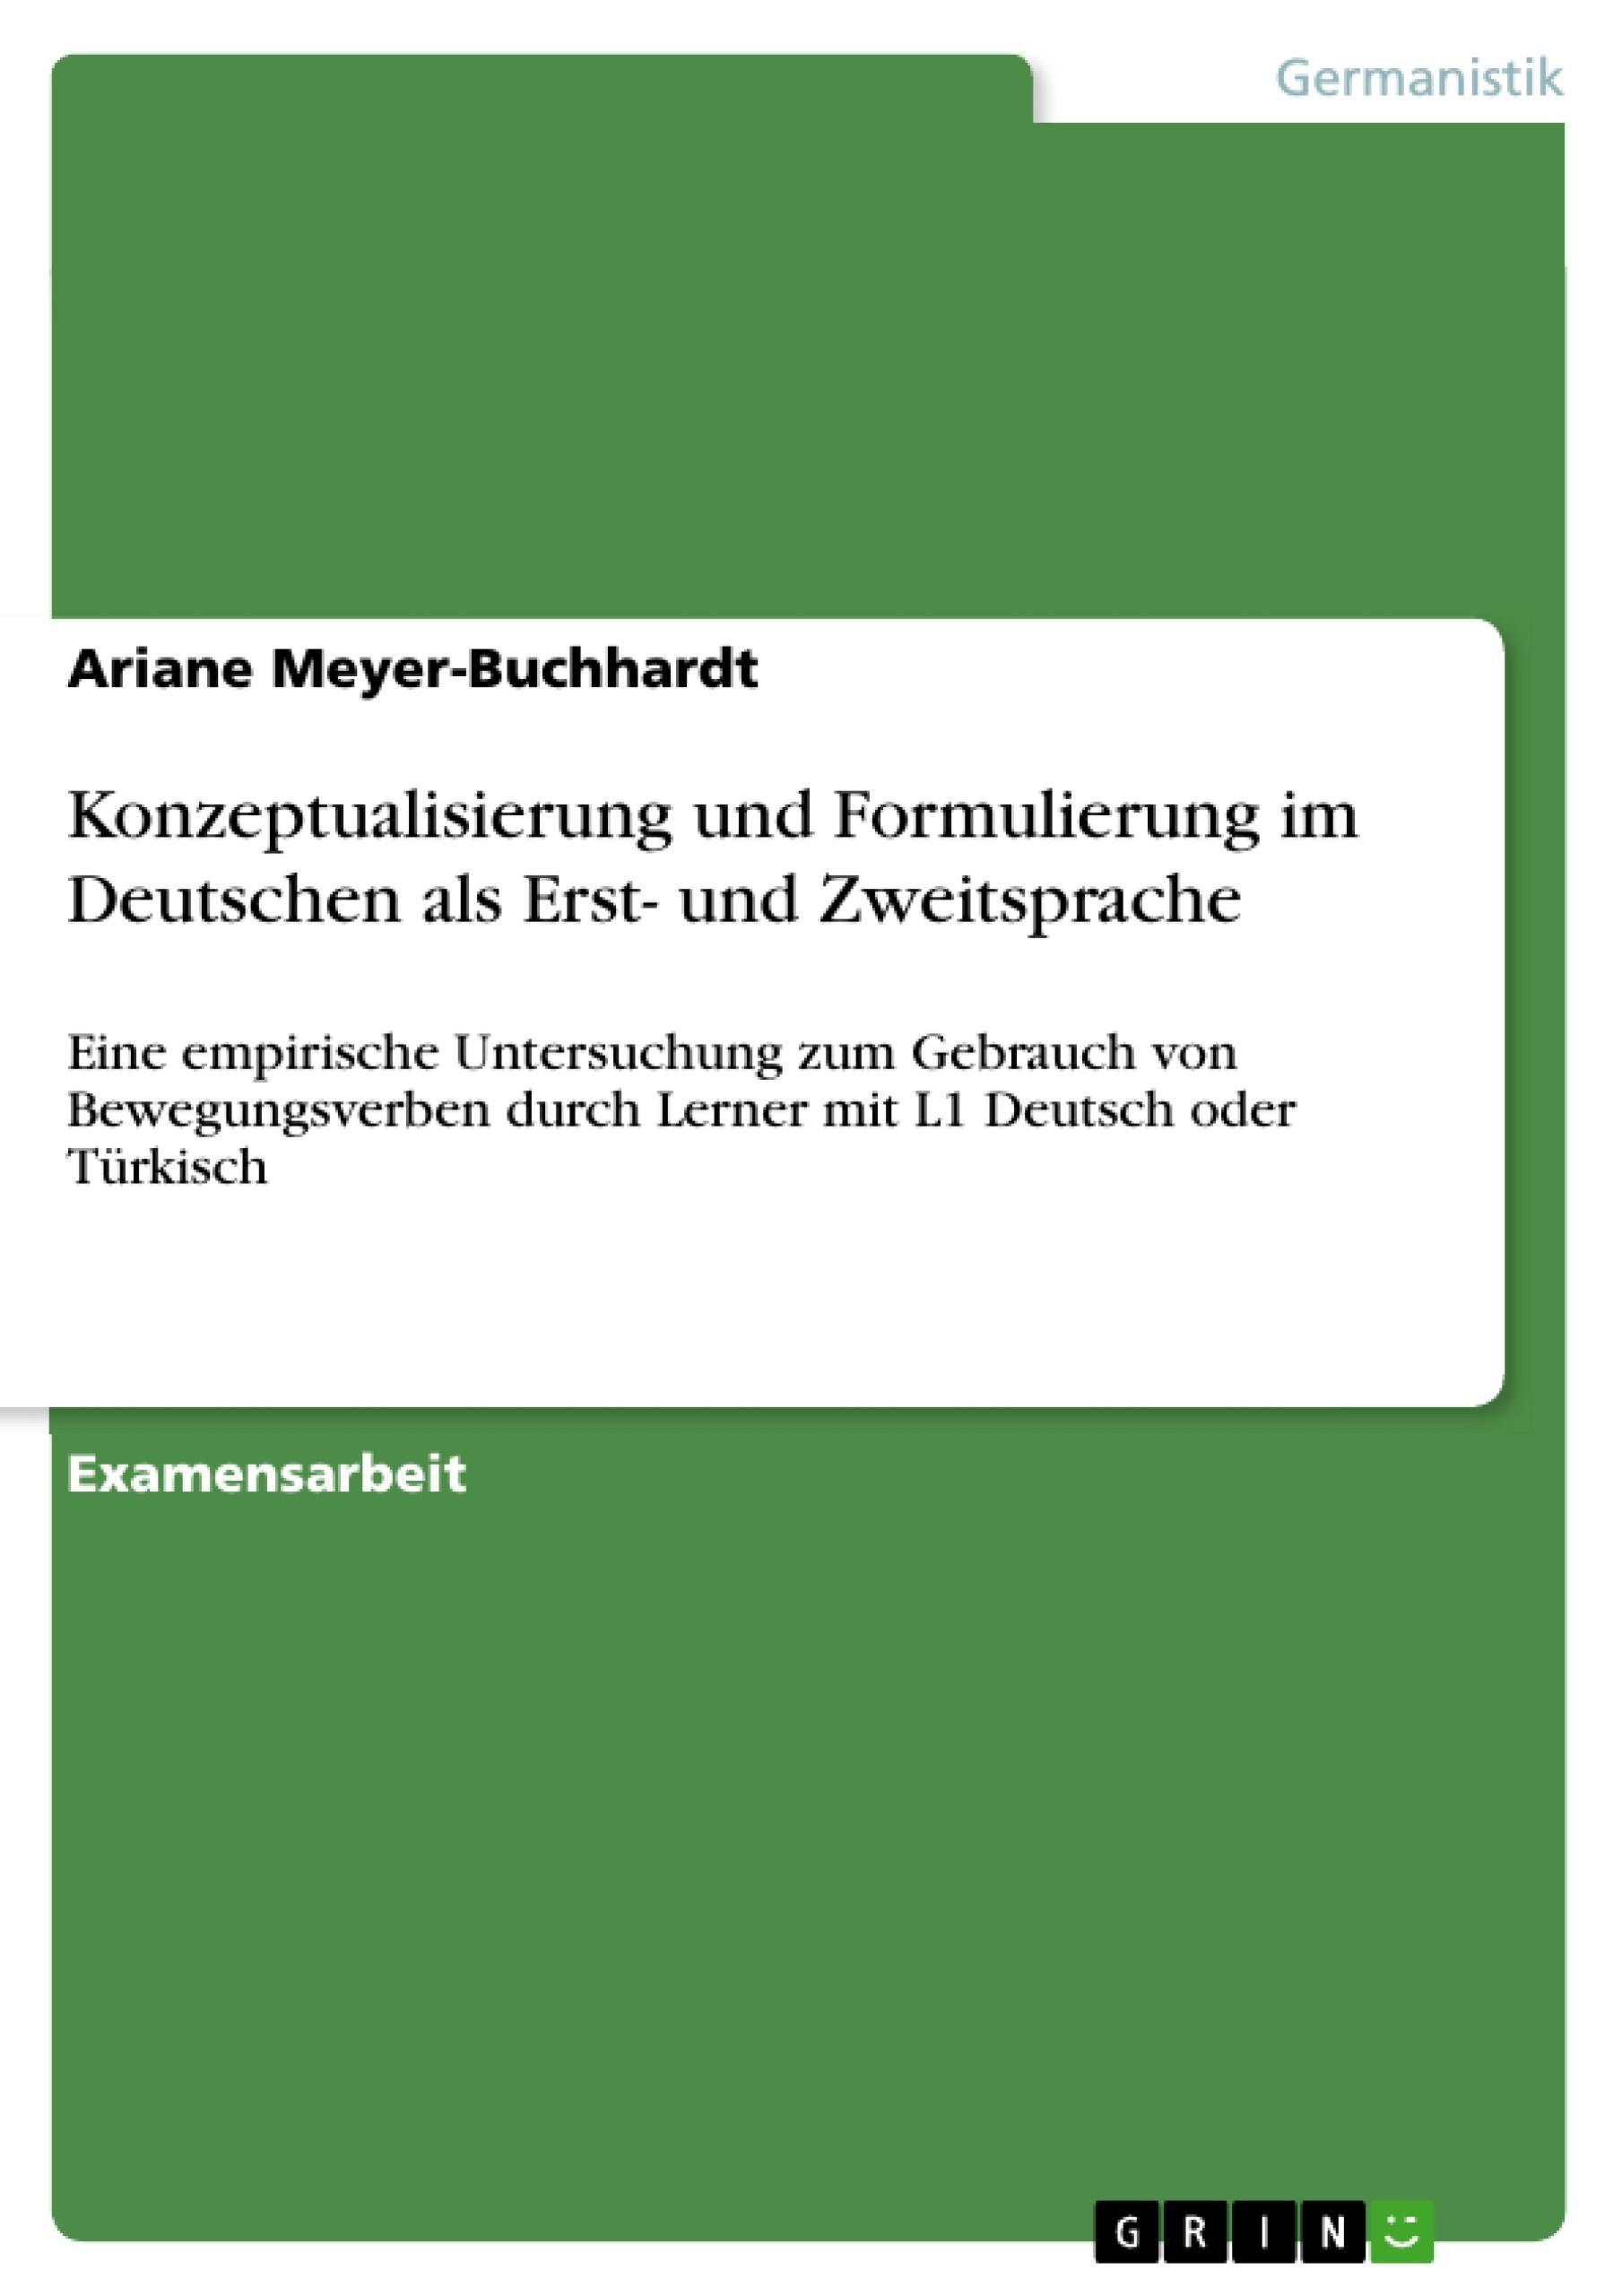 Titel: Konzeptualisierung und Formulierung im Deutschen als Erst- und Zweitsprache